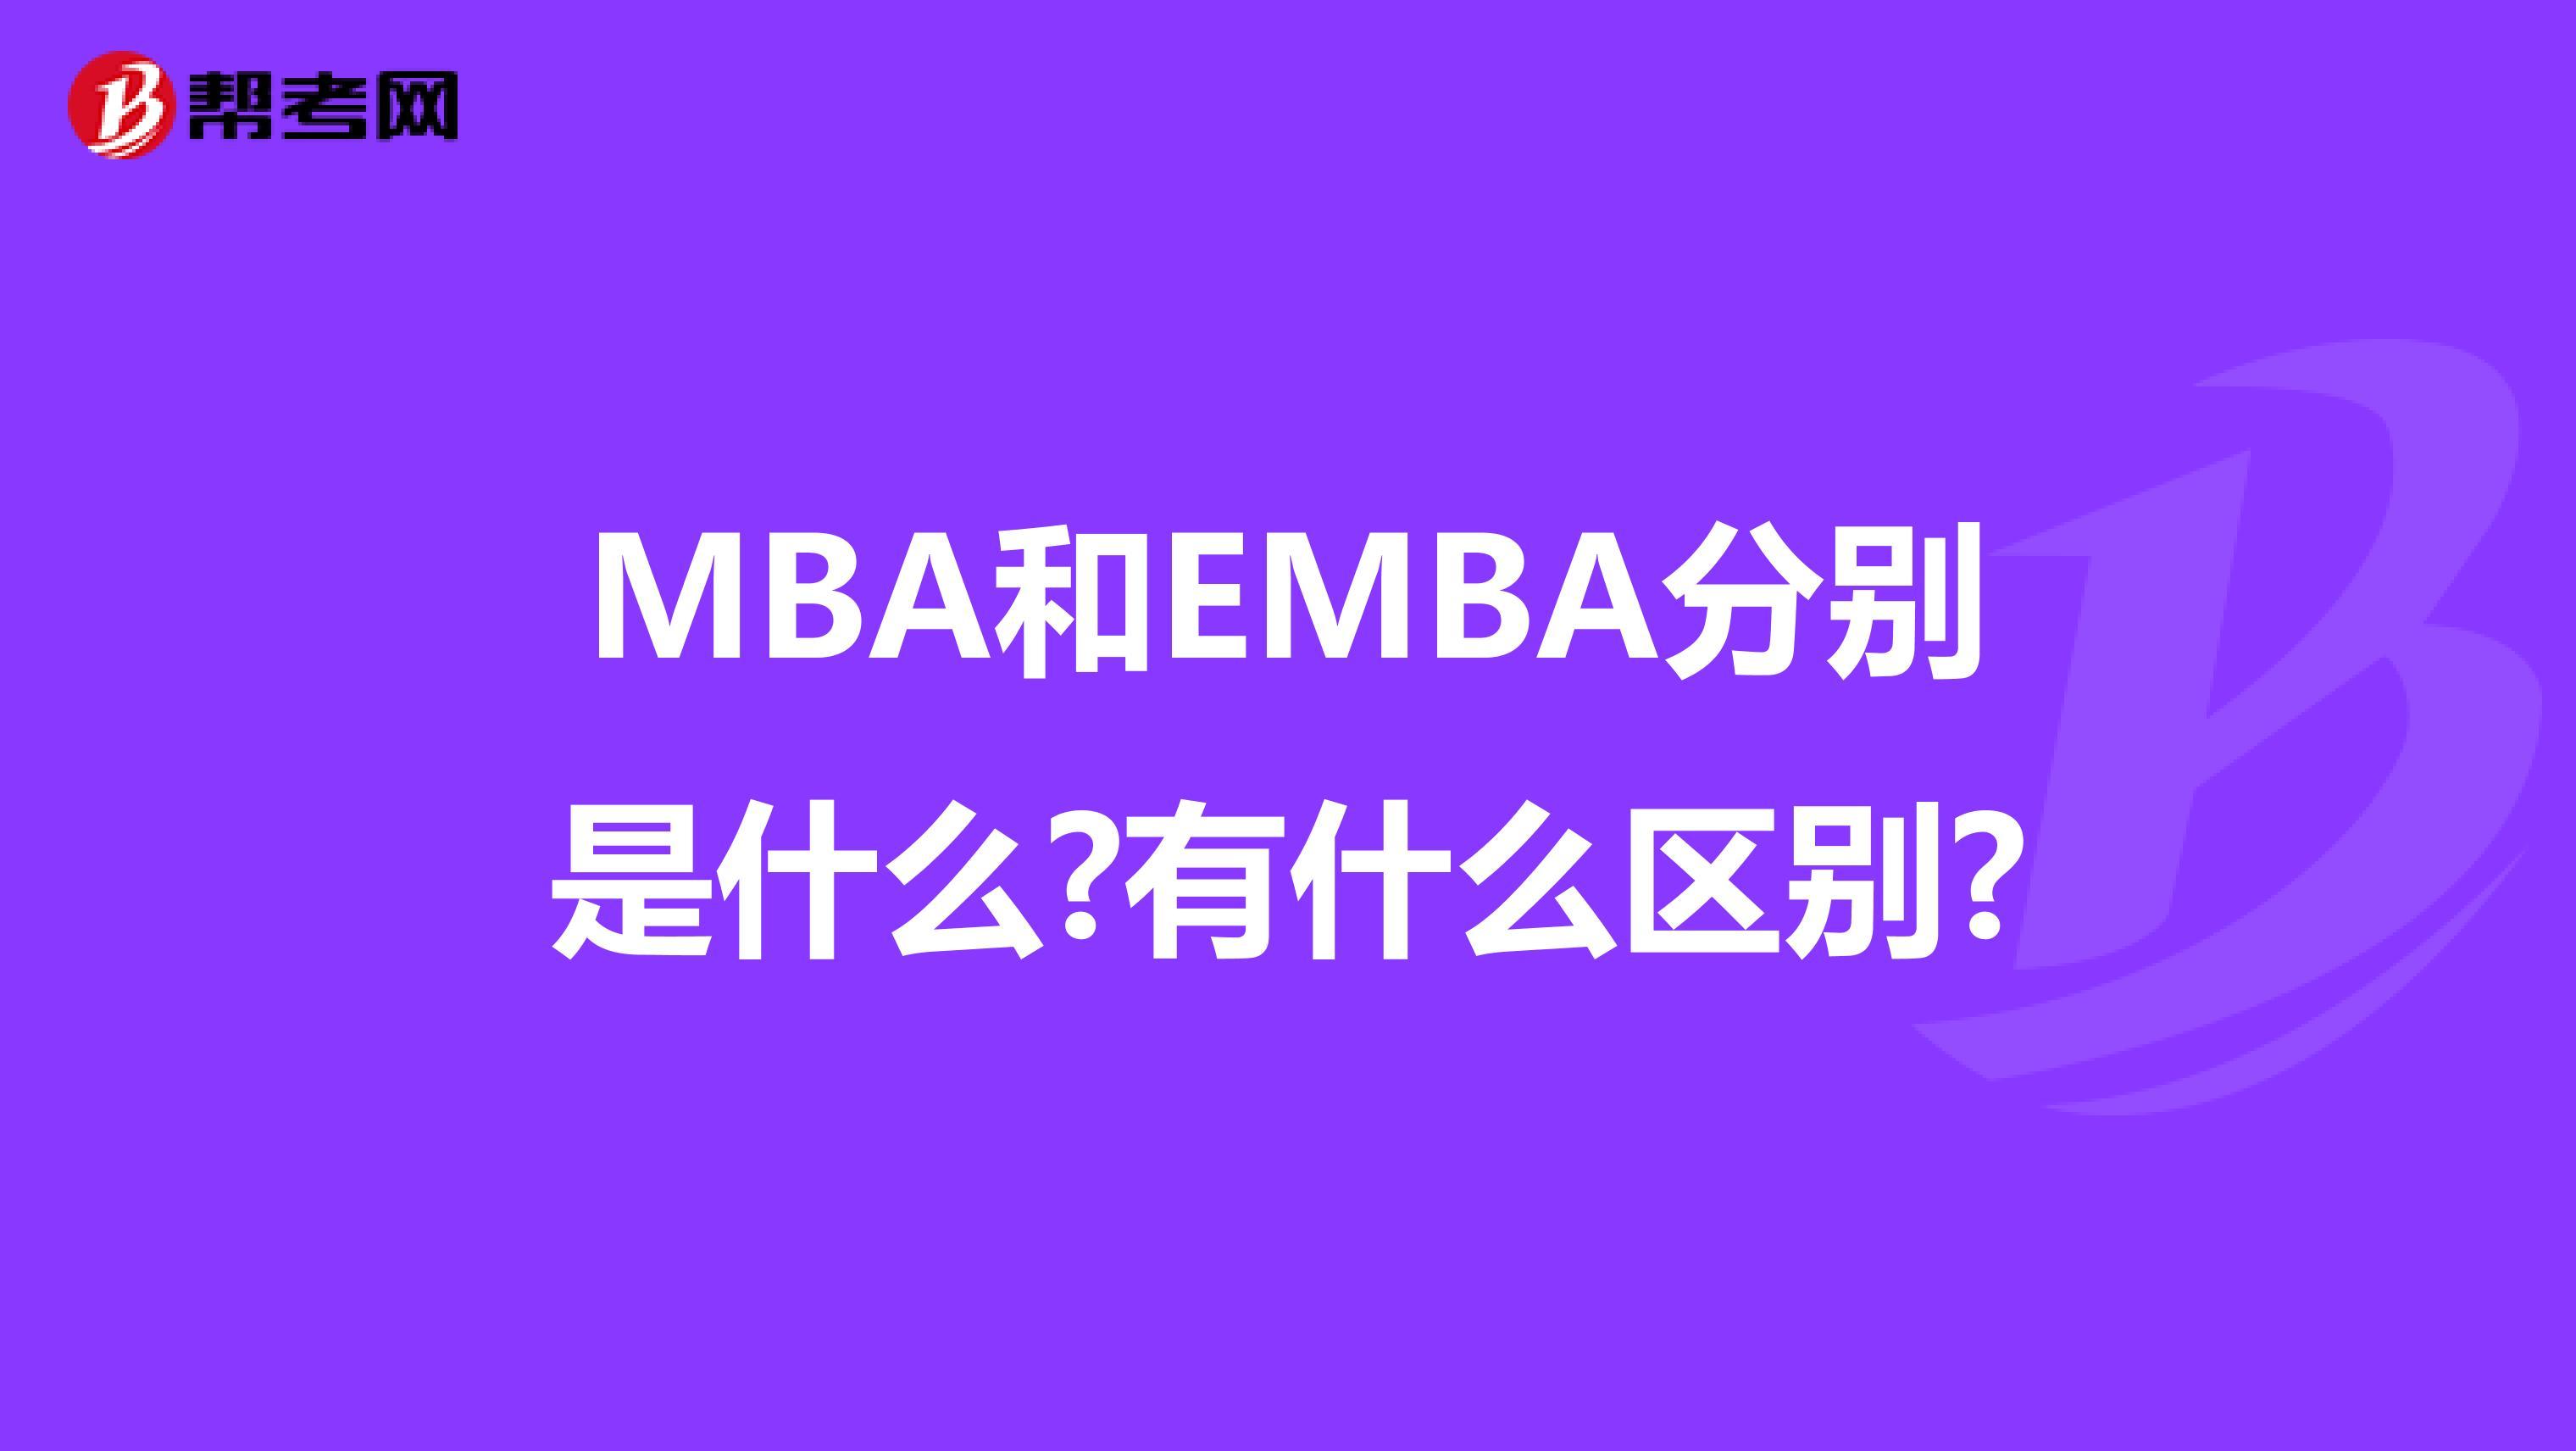 MBA和EMBA分別是什么?有什么區別?